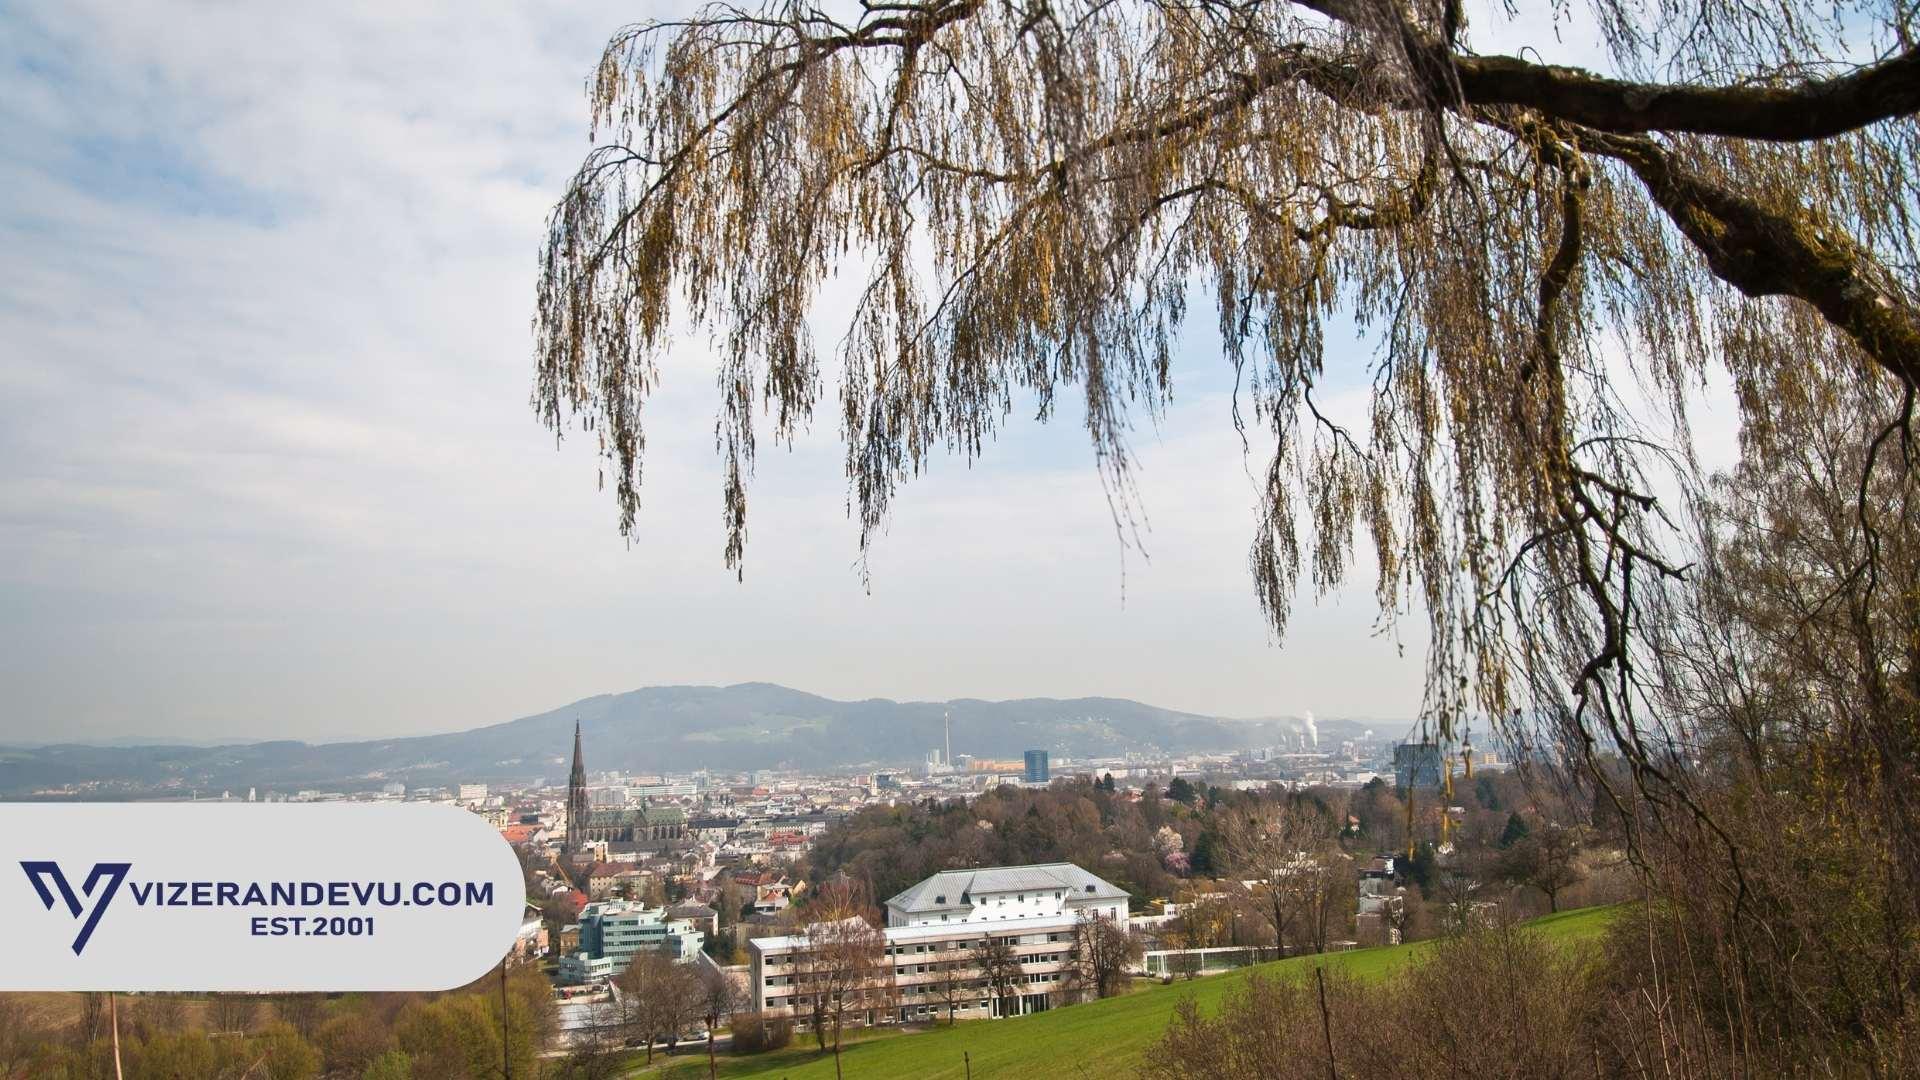 Kültür, Spor, Film Ekibi veya Dini Amaçlı Avusturya'ya Schengen Vizesi için Gerekli Belgeler Nelerdir